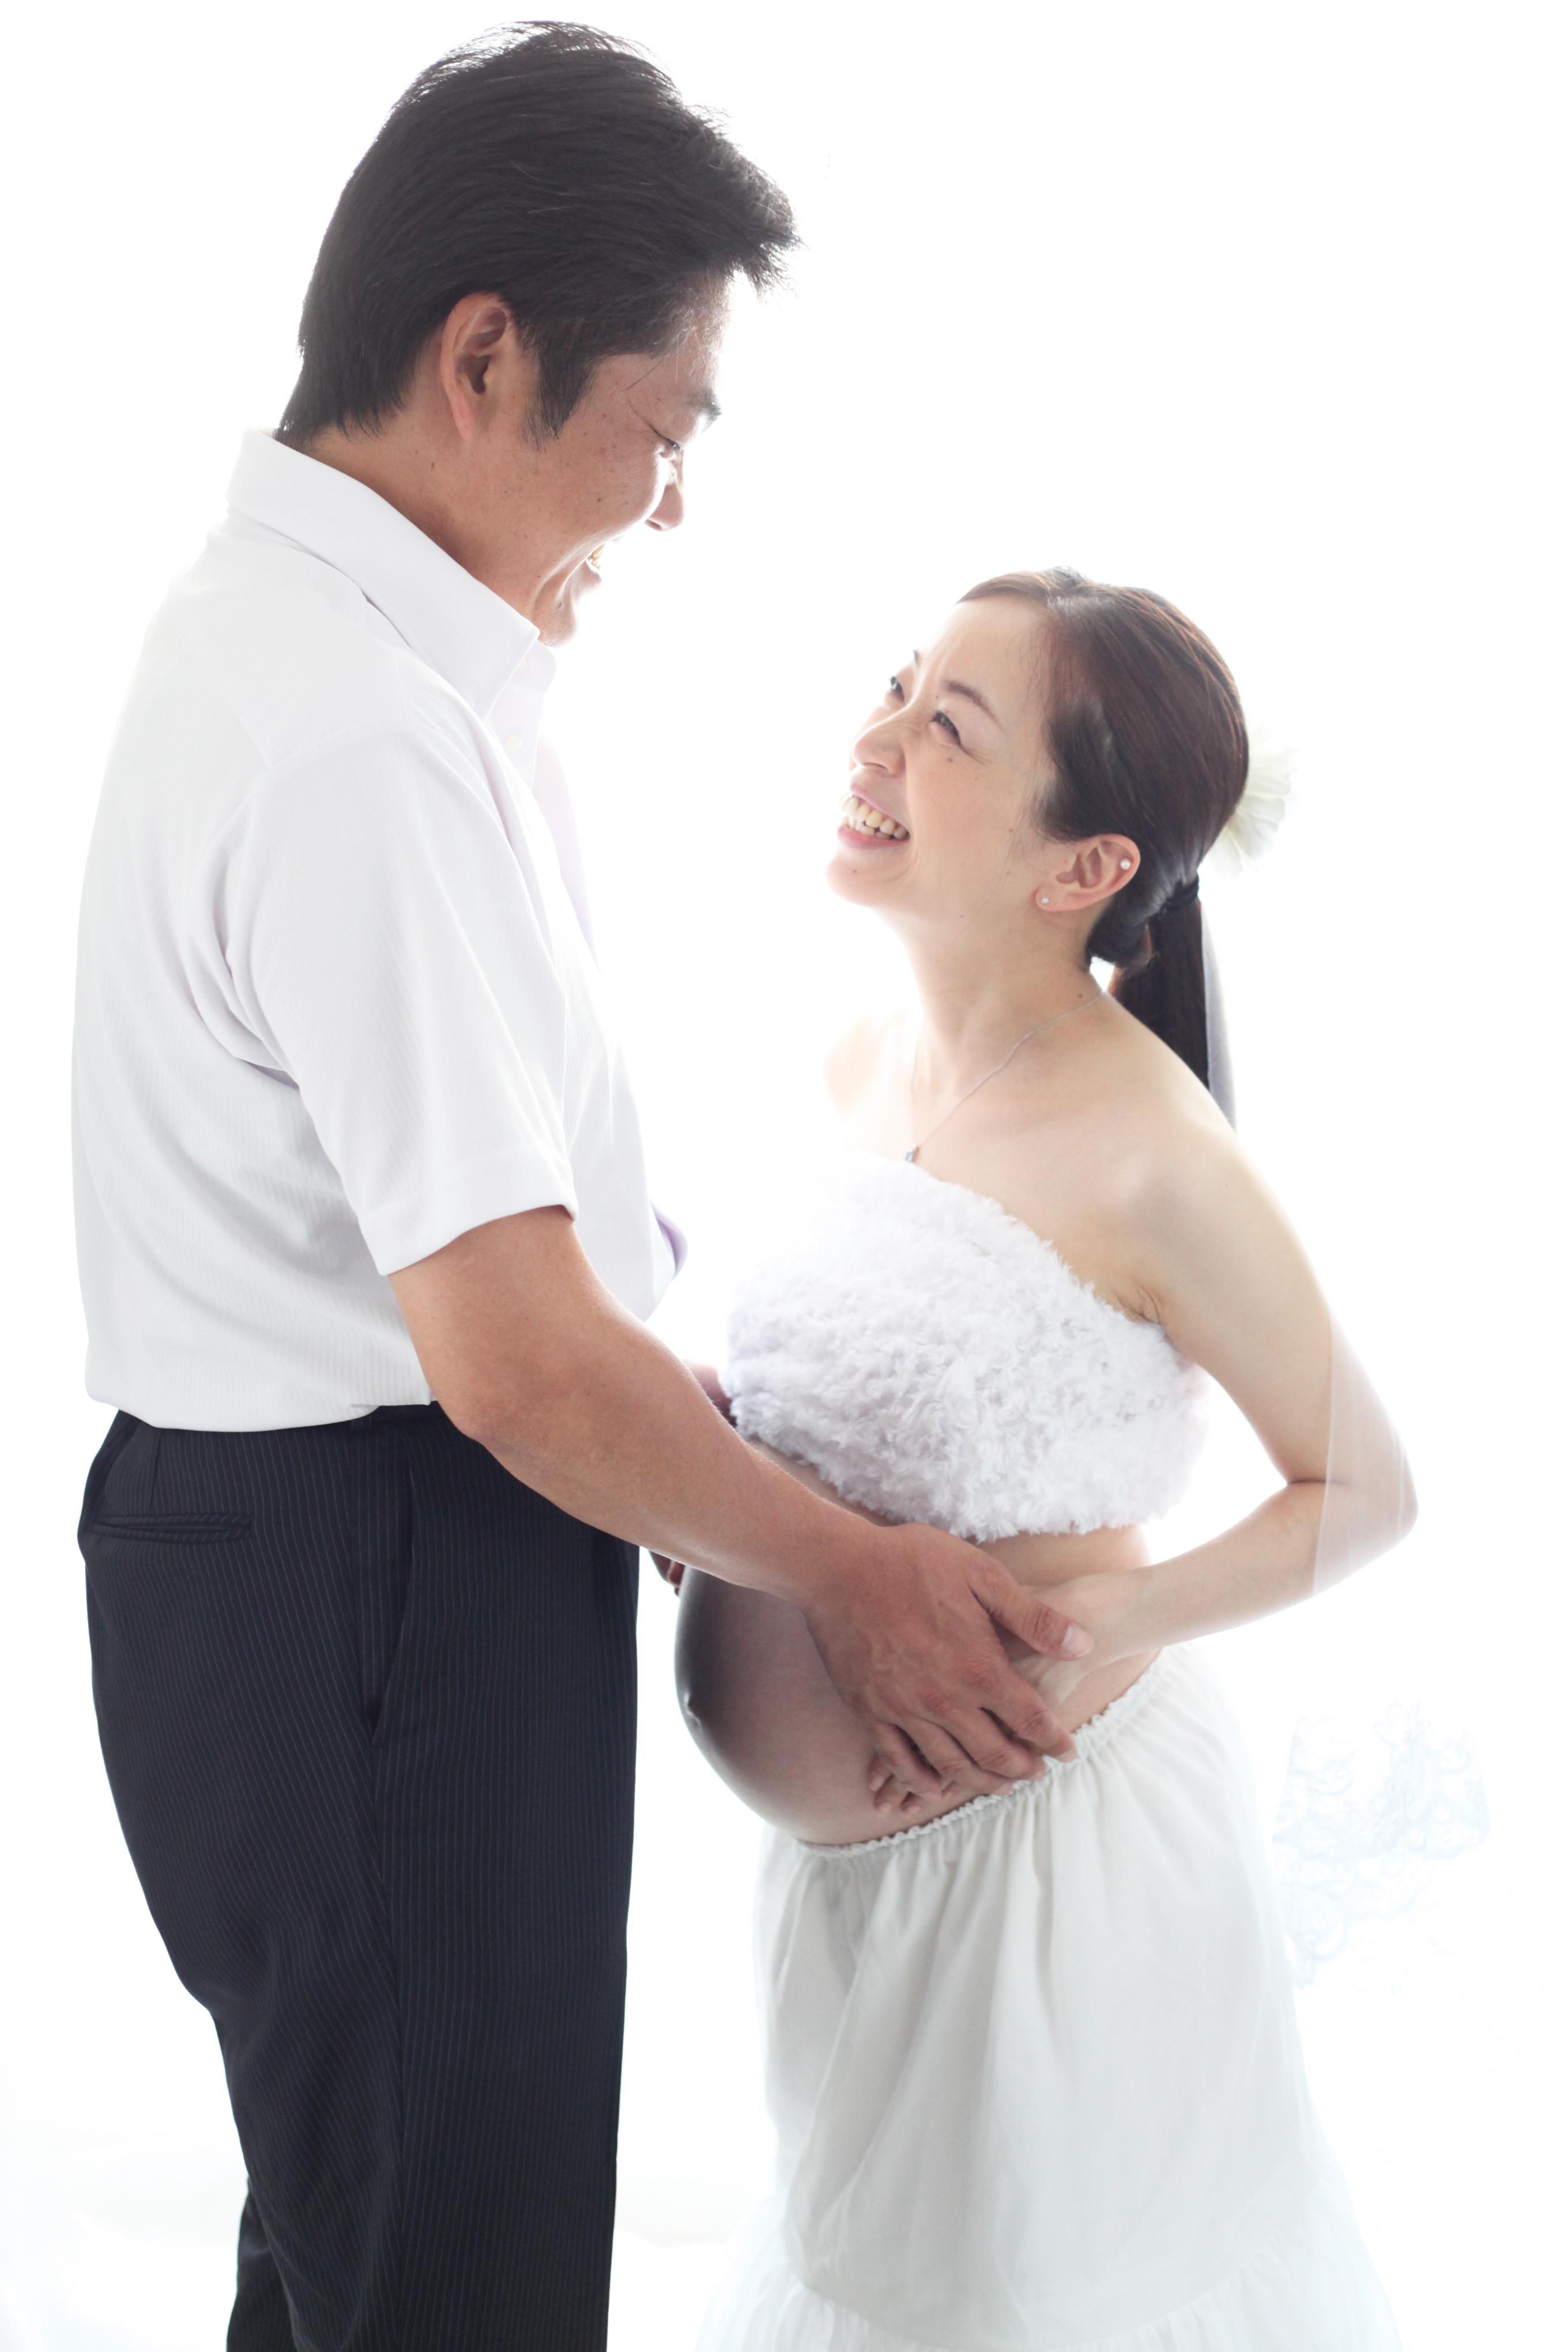 大阪出張撮影写真撮影お宮参り七五三授乳フォトマタニティーフォト